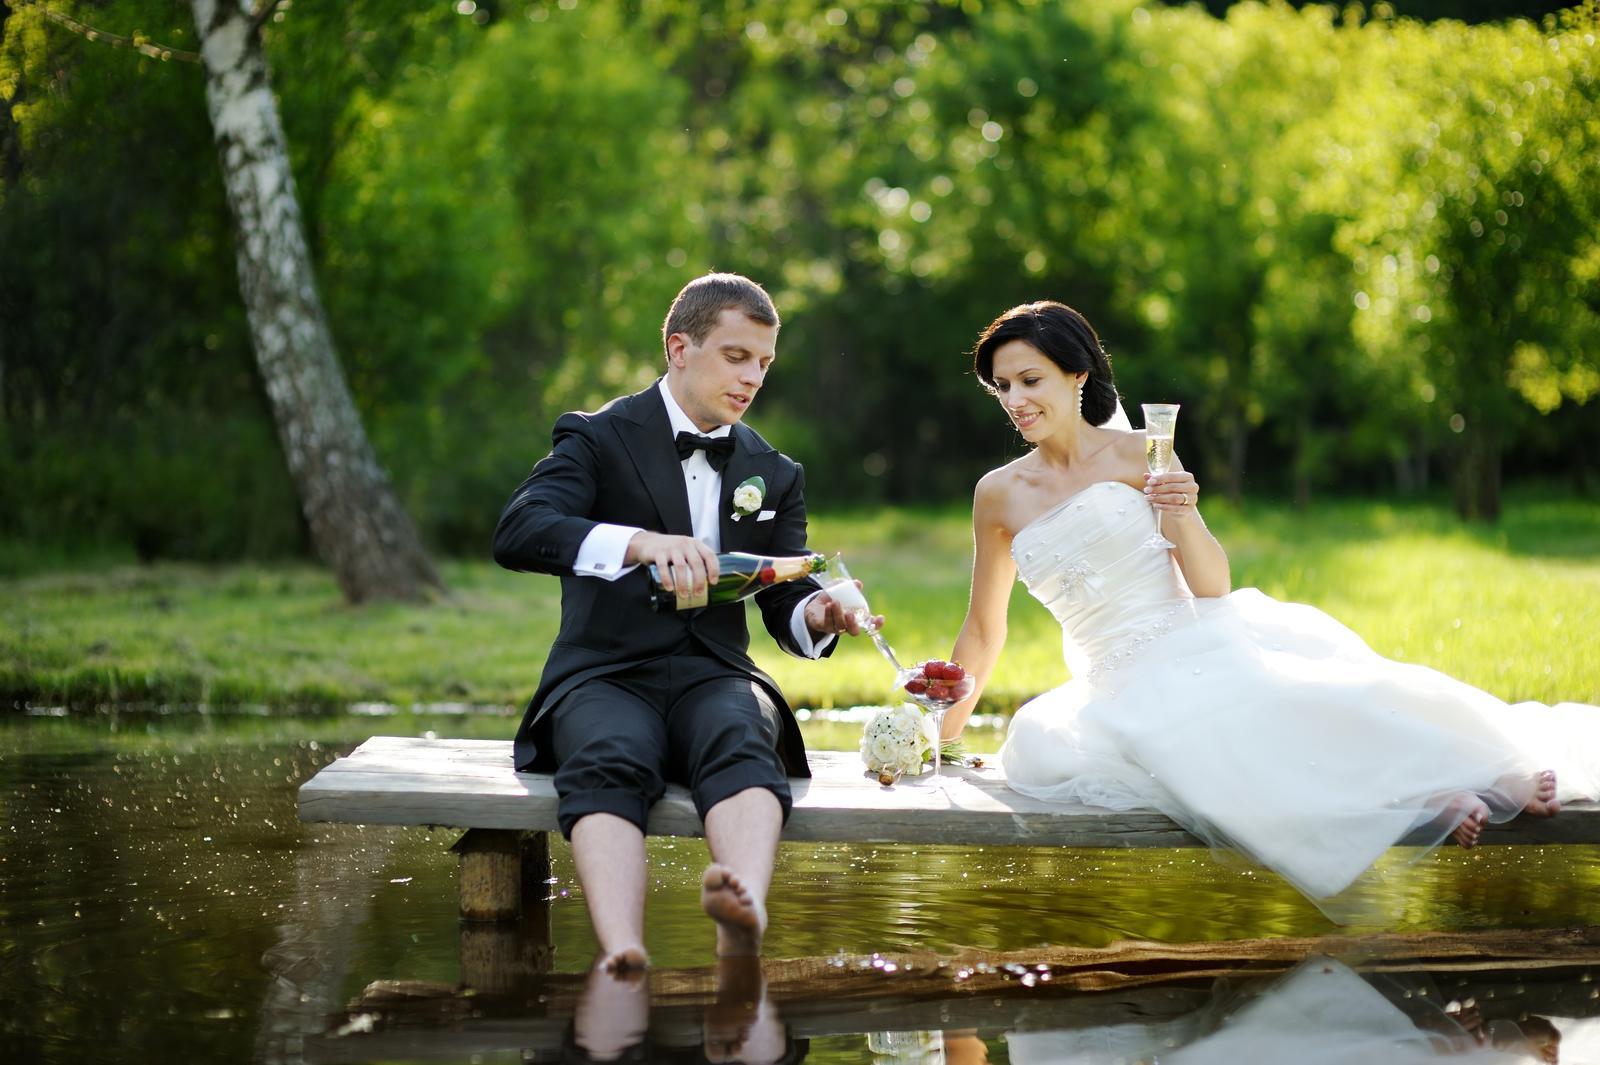 vinomaravilla - Nie v tom, že sme milovaní, ale v tom, že milujeme, je naše šťastie.